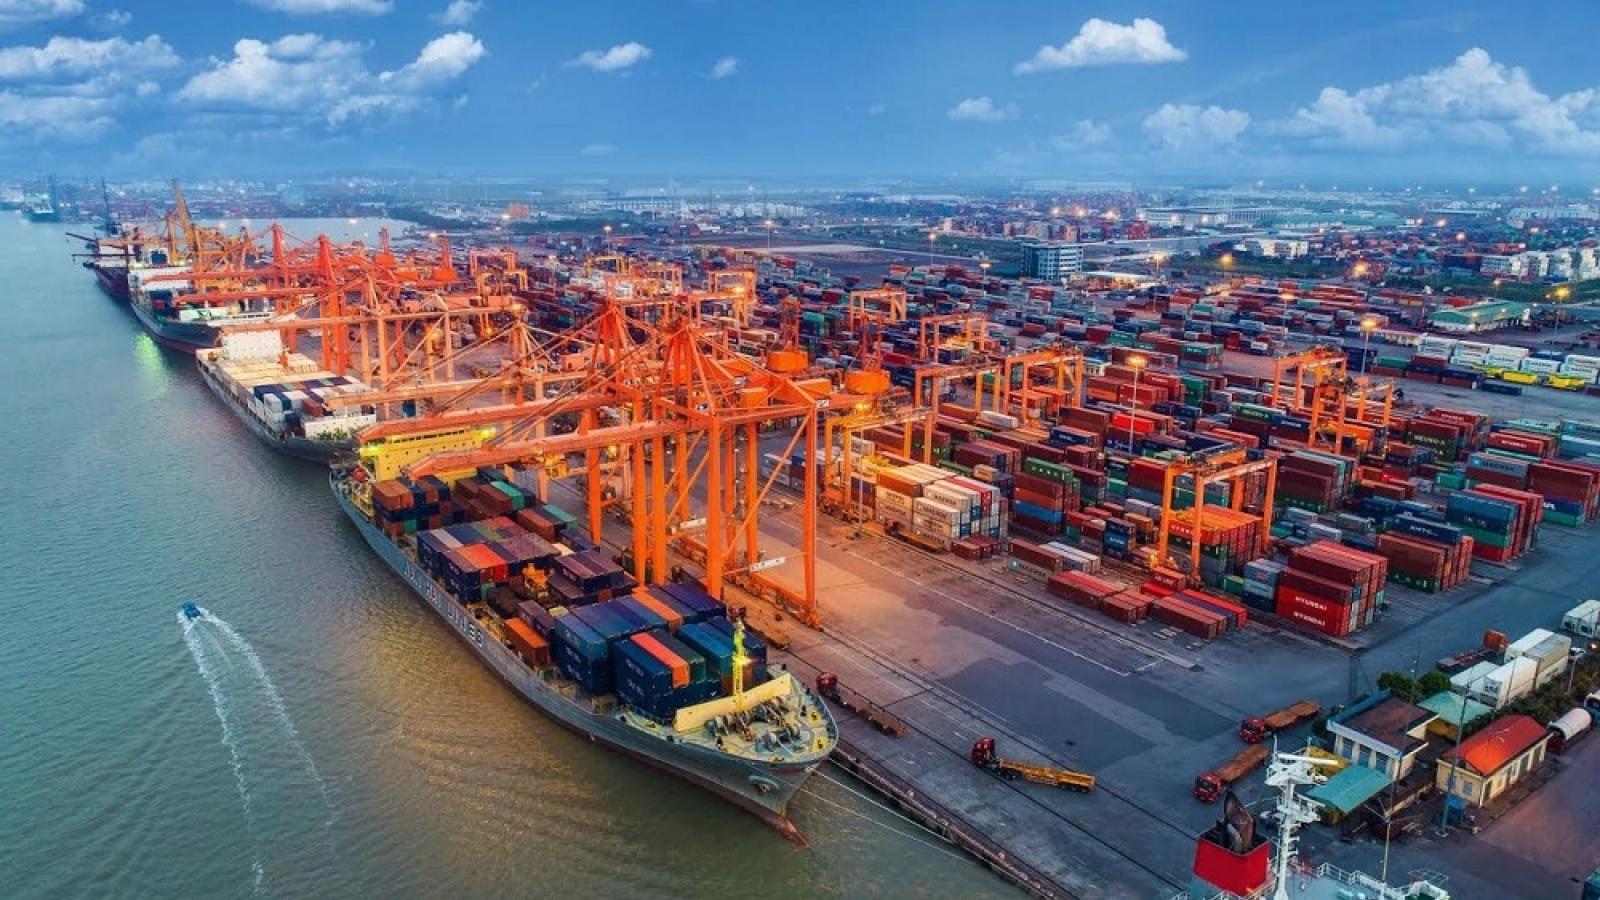 Kim ngạch xuất nhập khẩu đạt 515 tỷ USD, xấp xỉ năm 2019